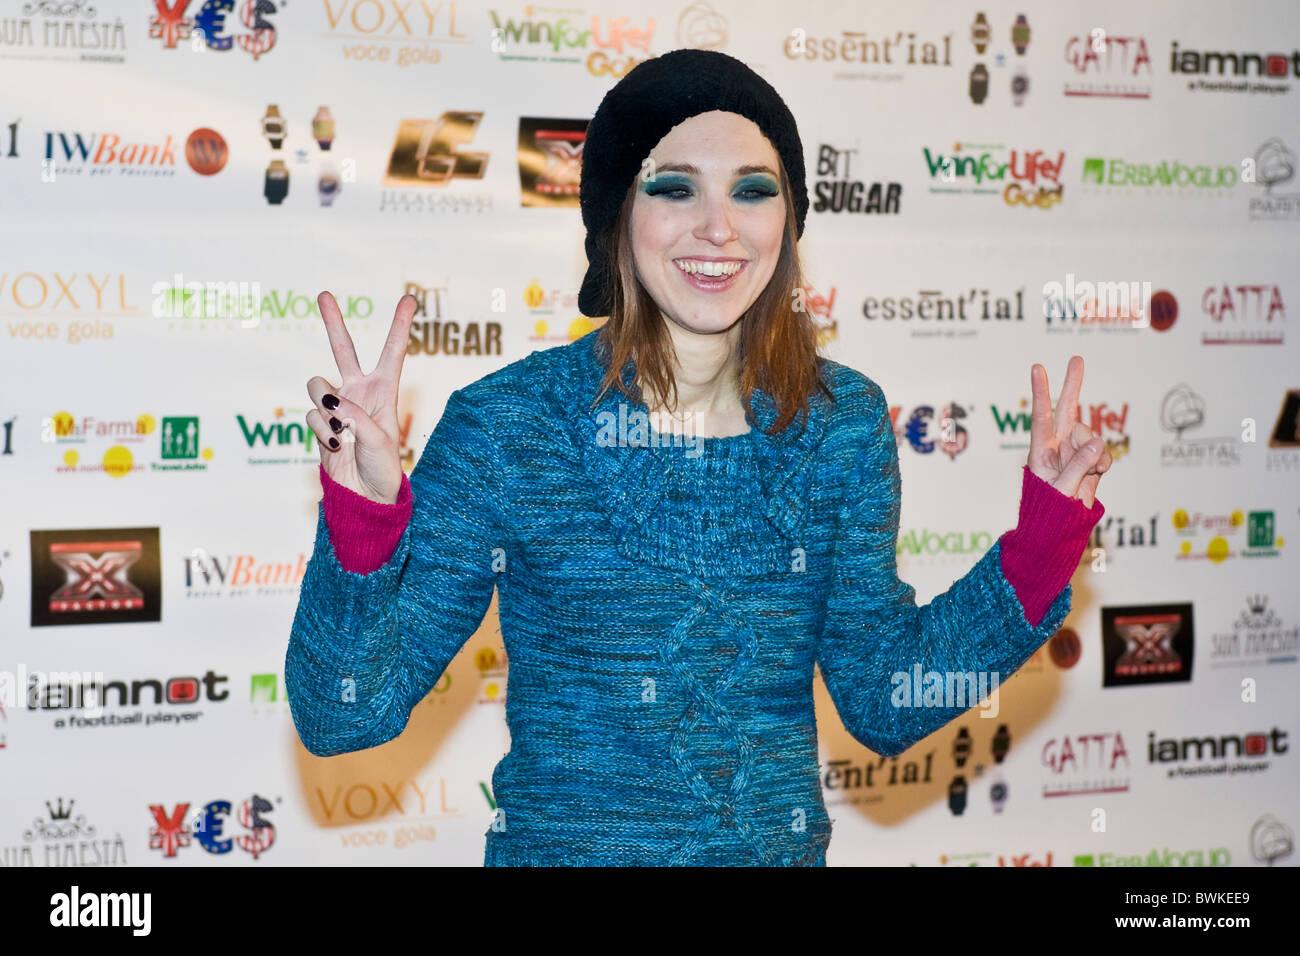 Nathalie, X Factor Red Carpet, Milan 2010 - Stock Image